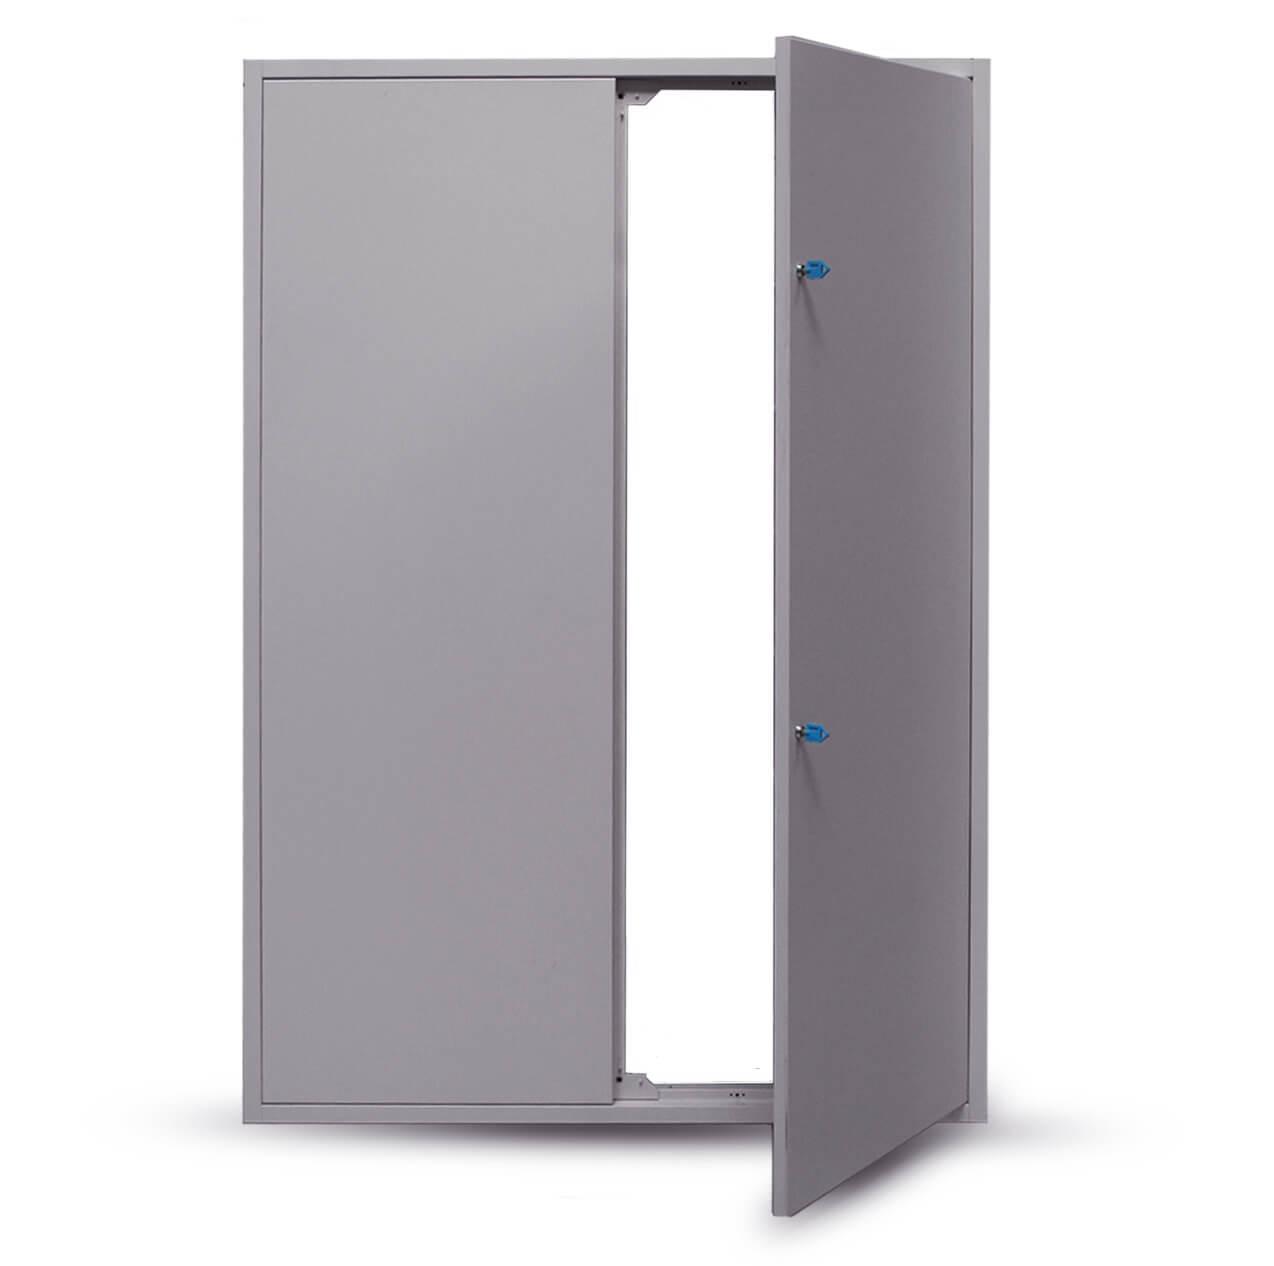 Premium Range Wall Double right door open